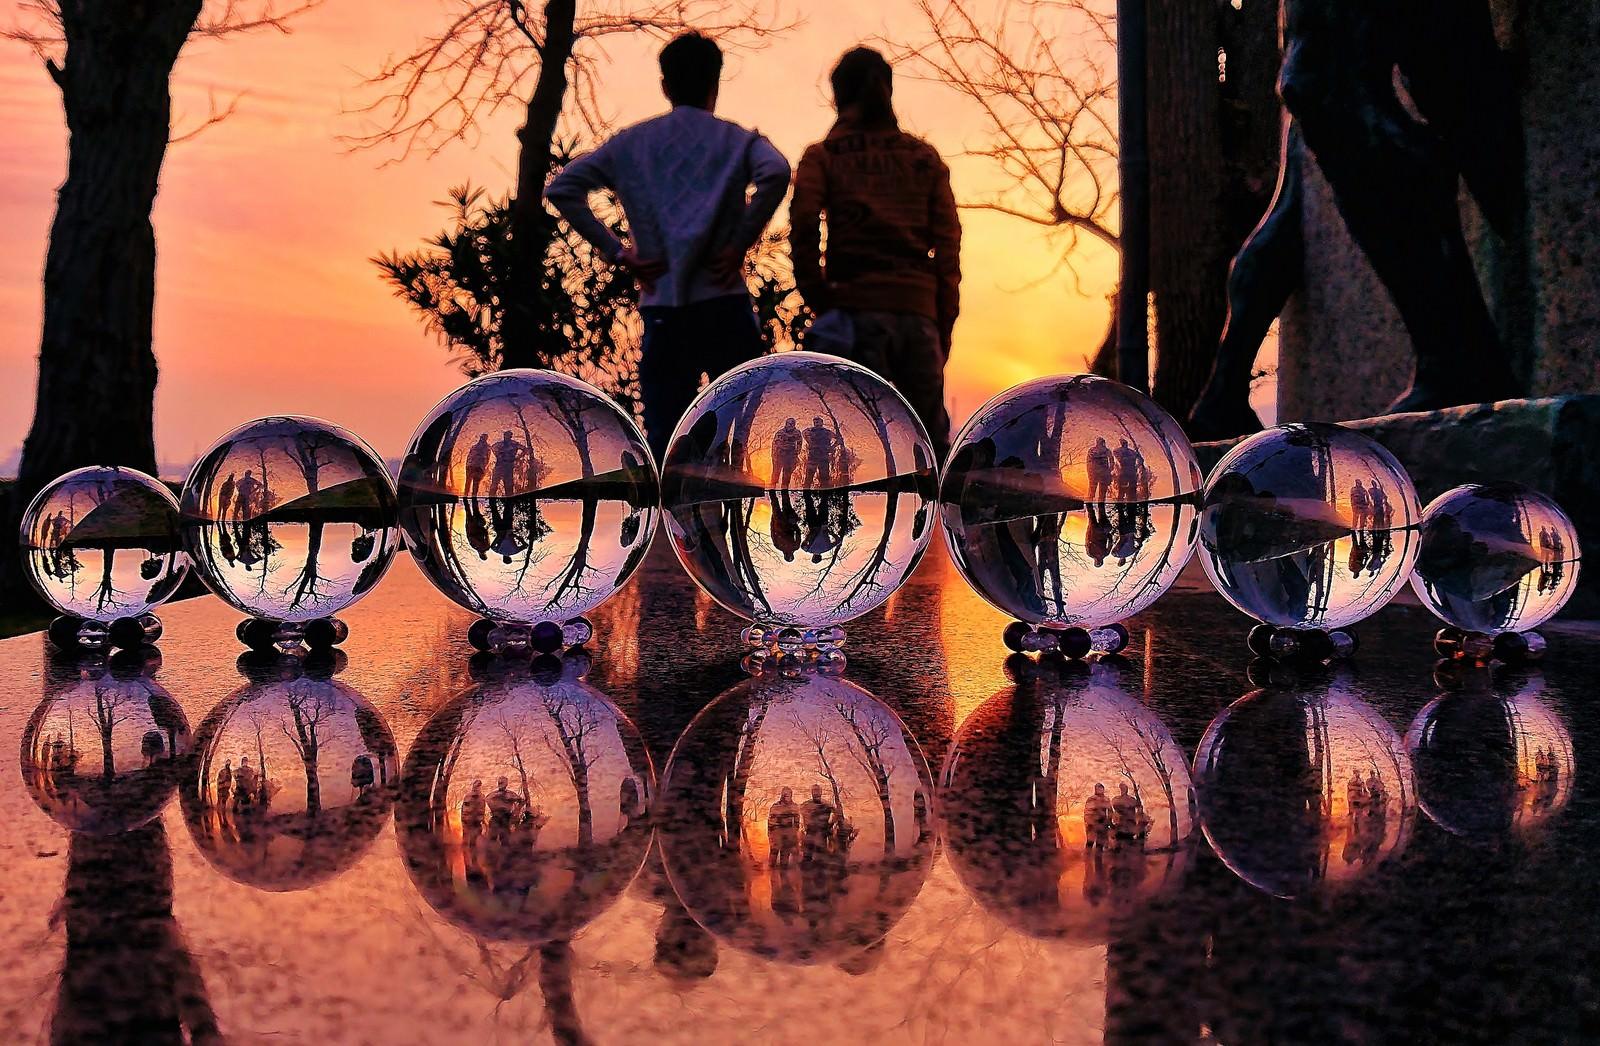 「ガラス玉越しの夕焼けと二人組のリフレクション」の写真